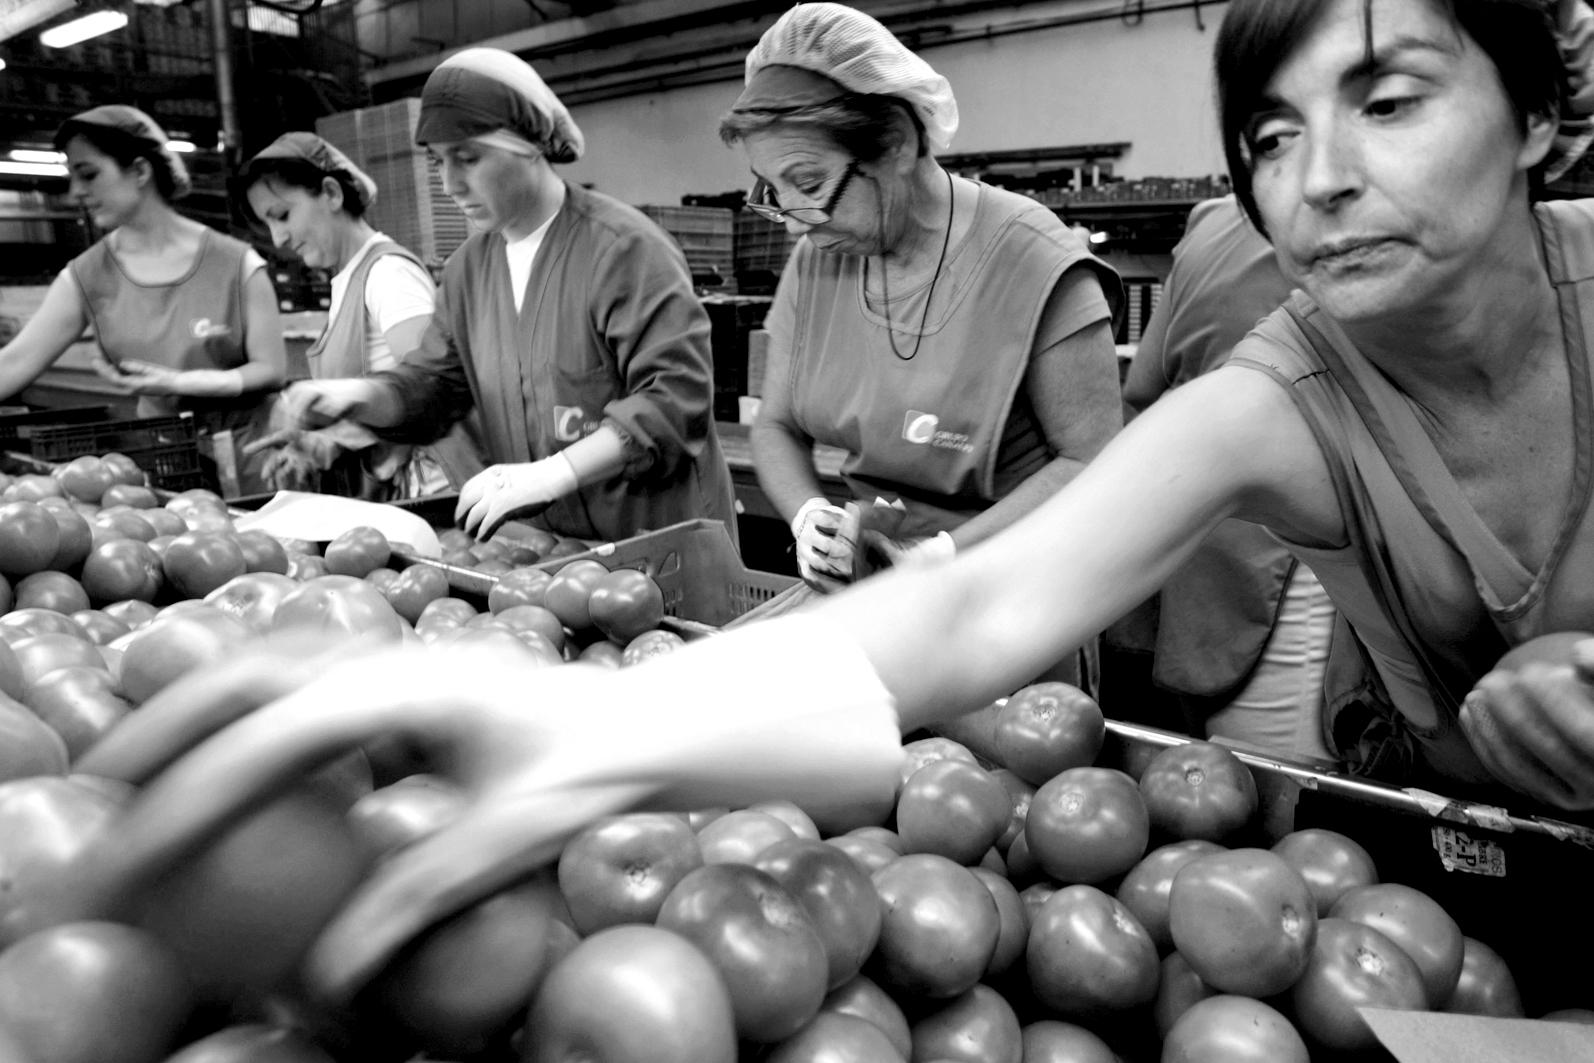 Emballage de fruits et légumes : un dur labeur à 6 euros l'heure. Photo : REUTERS/Francisco Bonilla